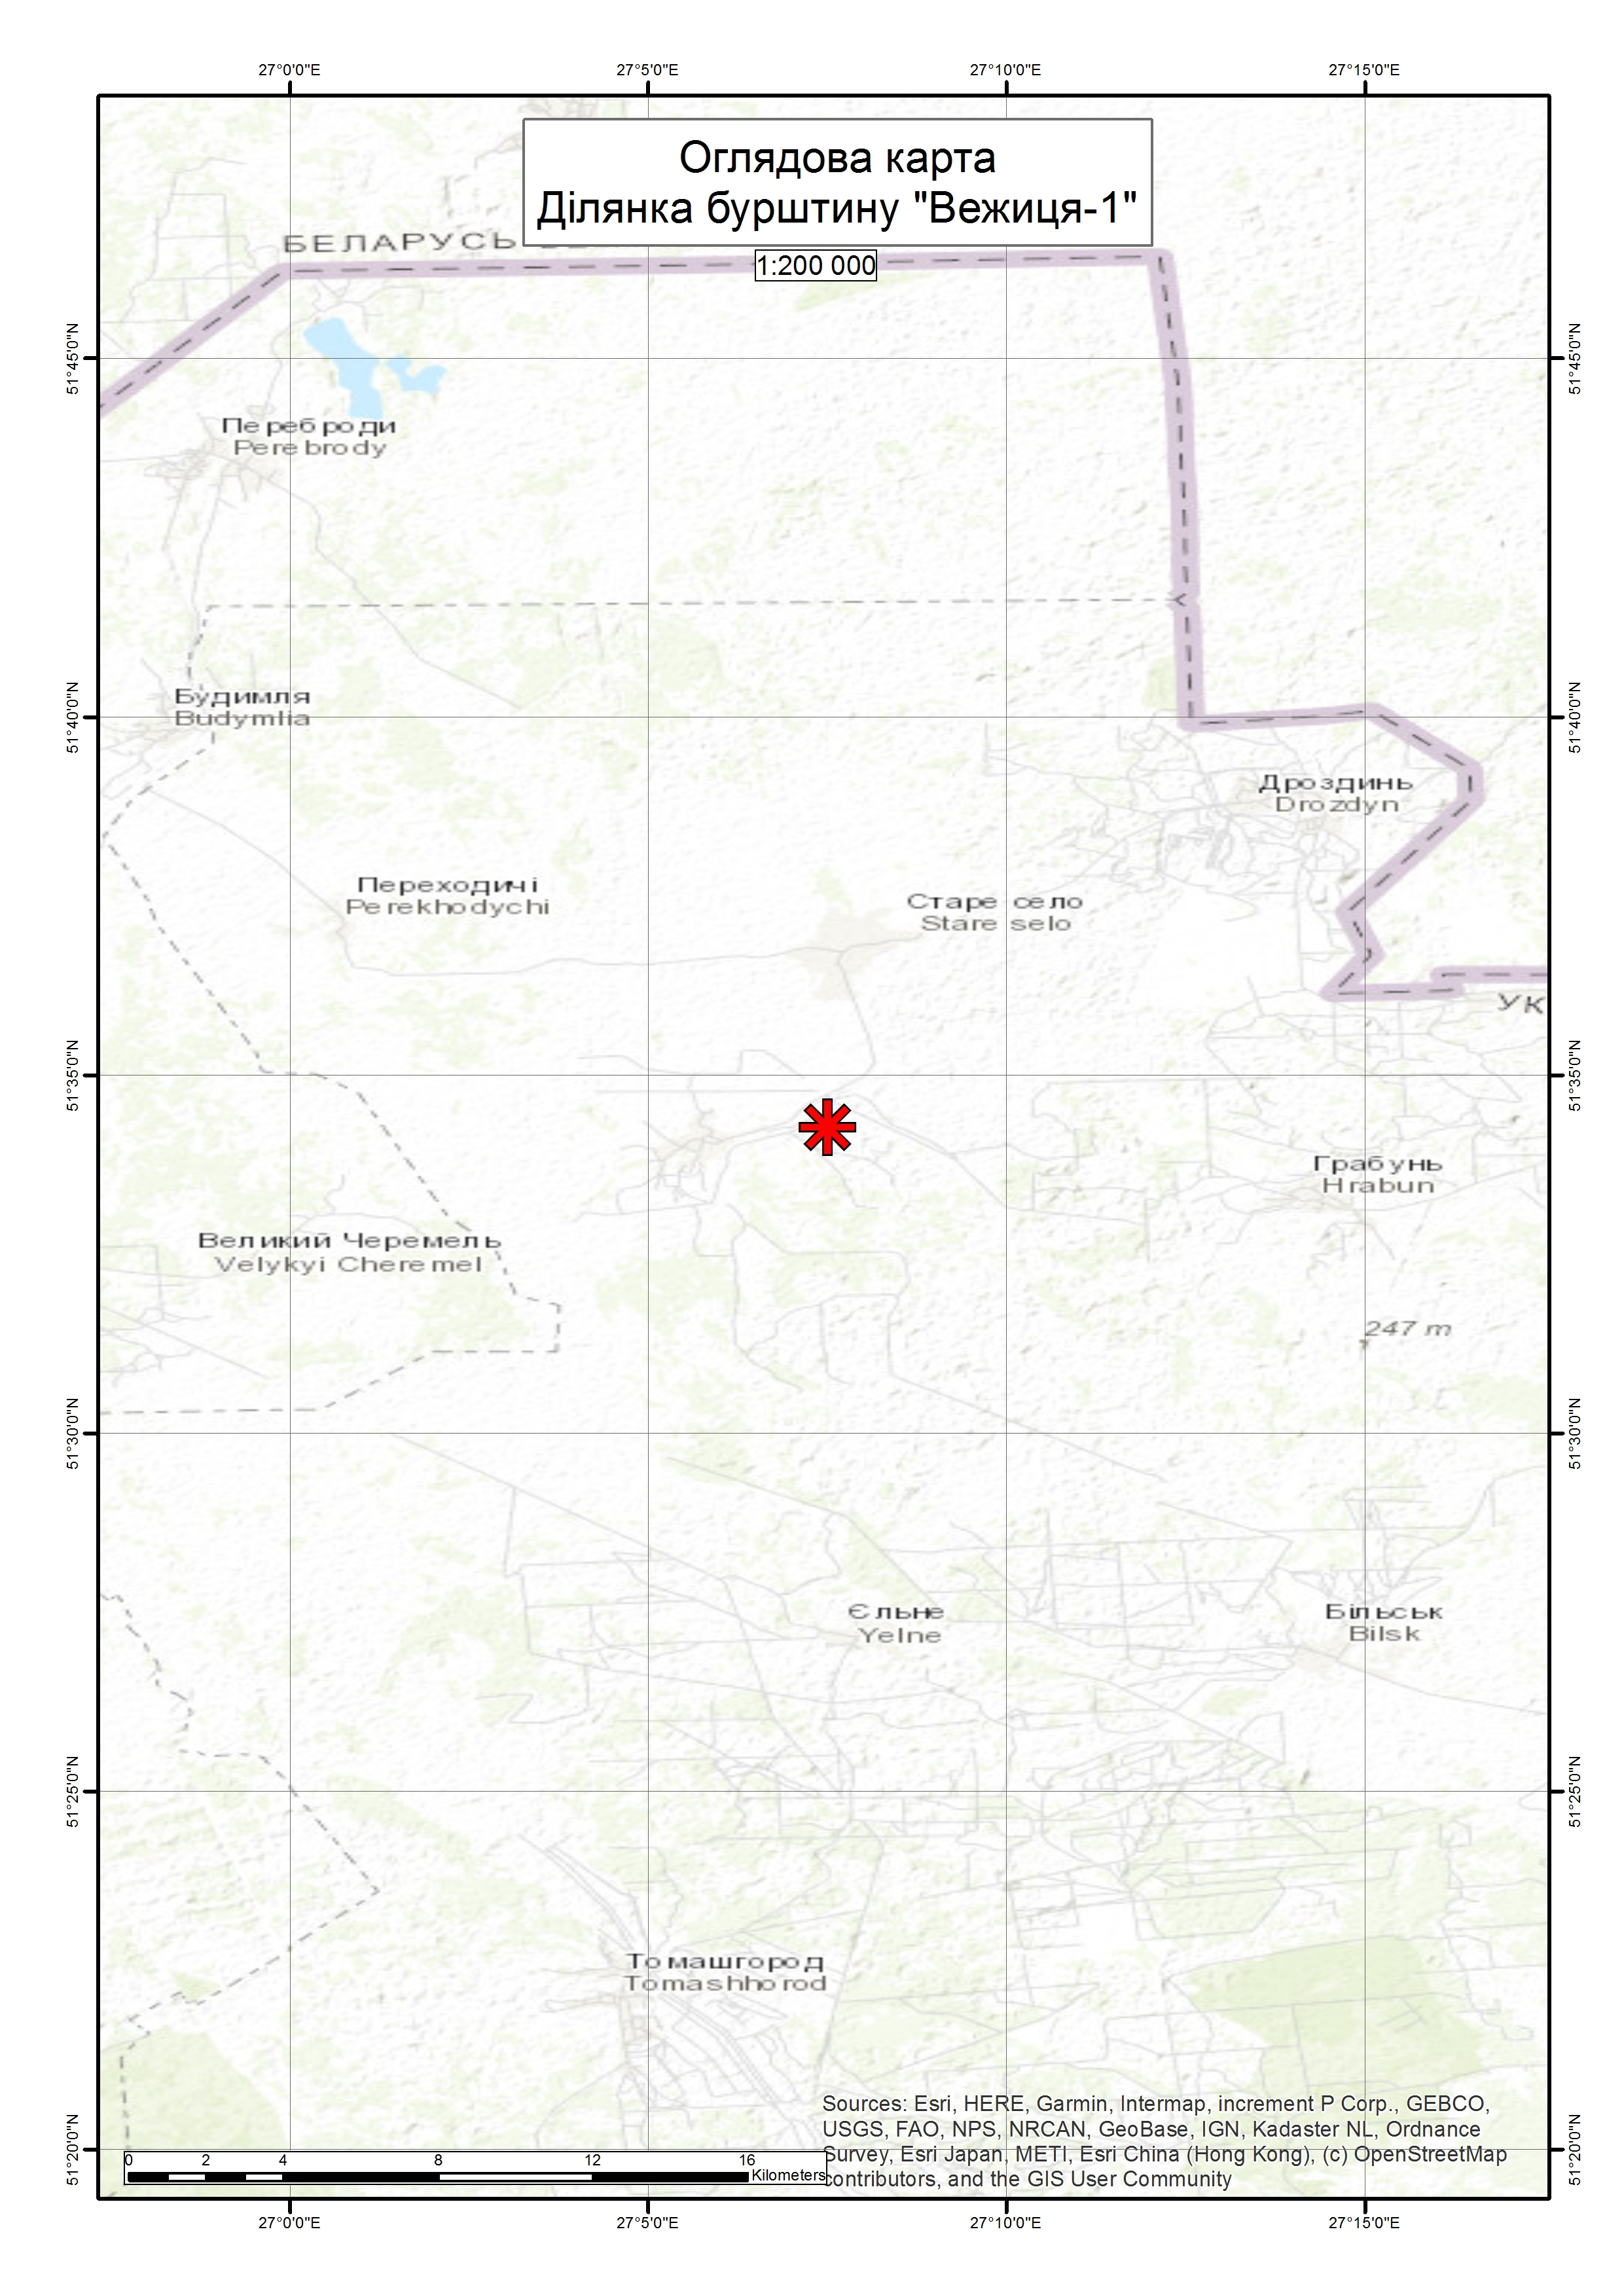 Спеціальний дозвіл на користування надрами – Ділянка «Вежиця-1». Вартість геологічної інформації – 95 812,36 грн (з ПДВ). Вартість пакету аукціонної документації – 10 183, 68 грн (з ПДВ).